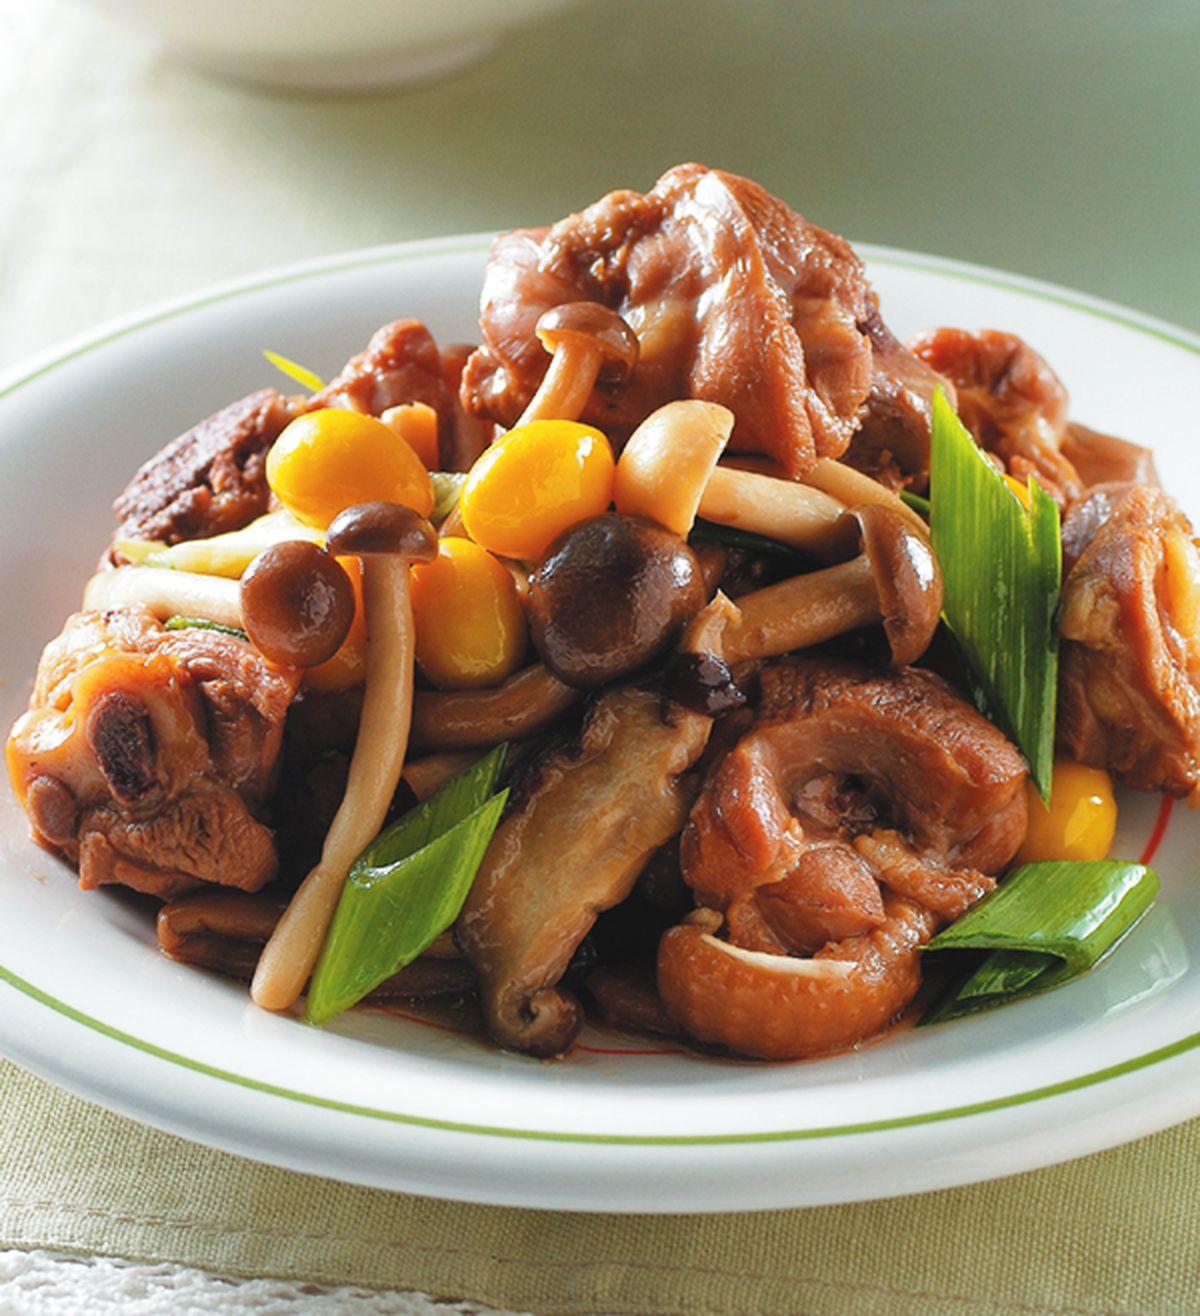 食譜:野菇燒滷雞塊